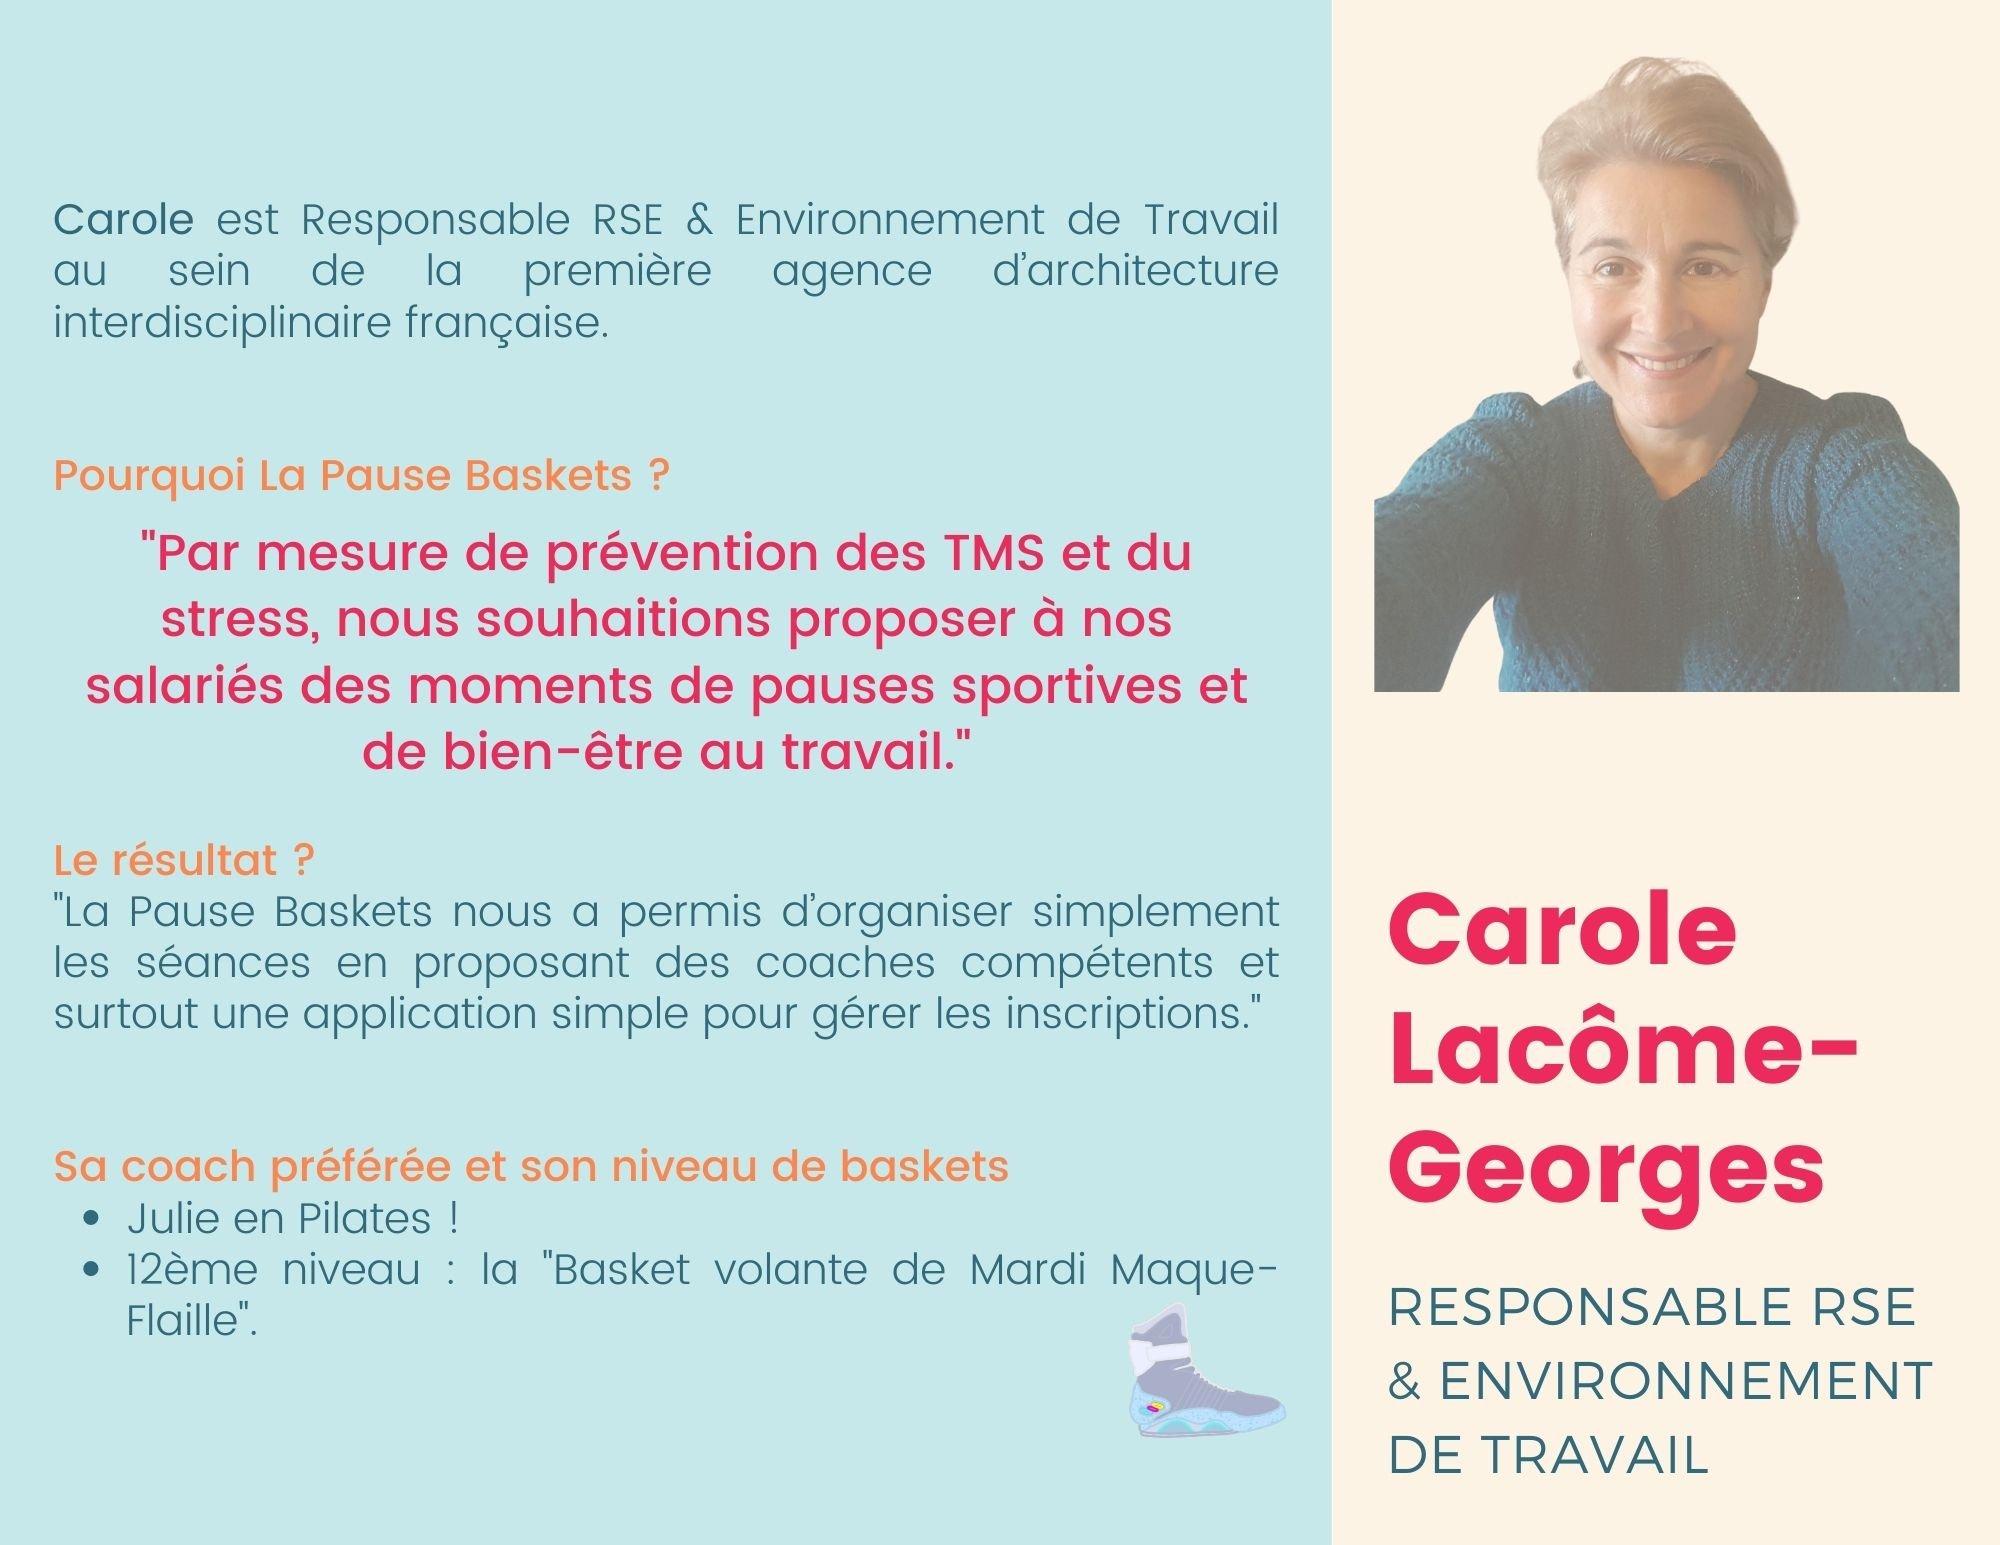 Carole_responsable_rse